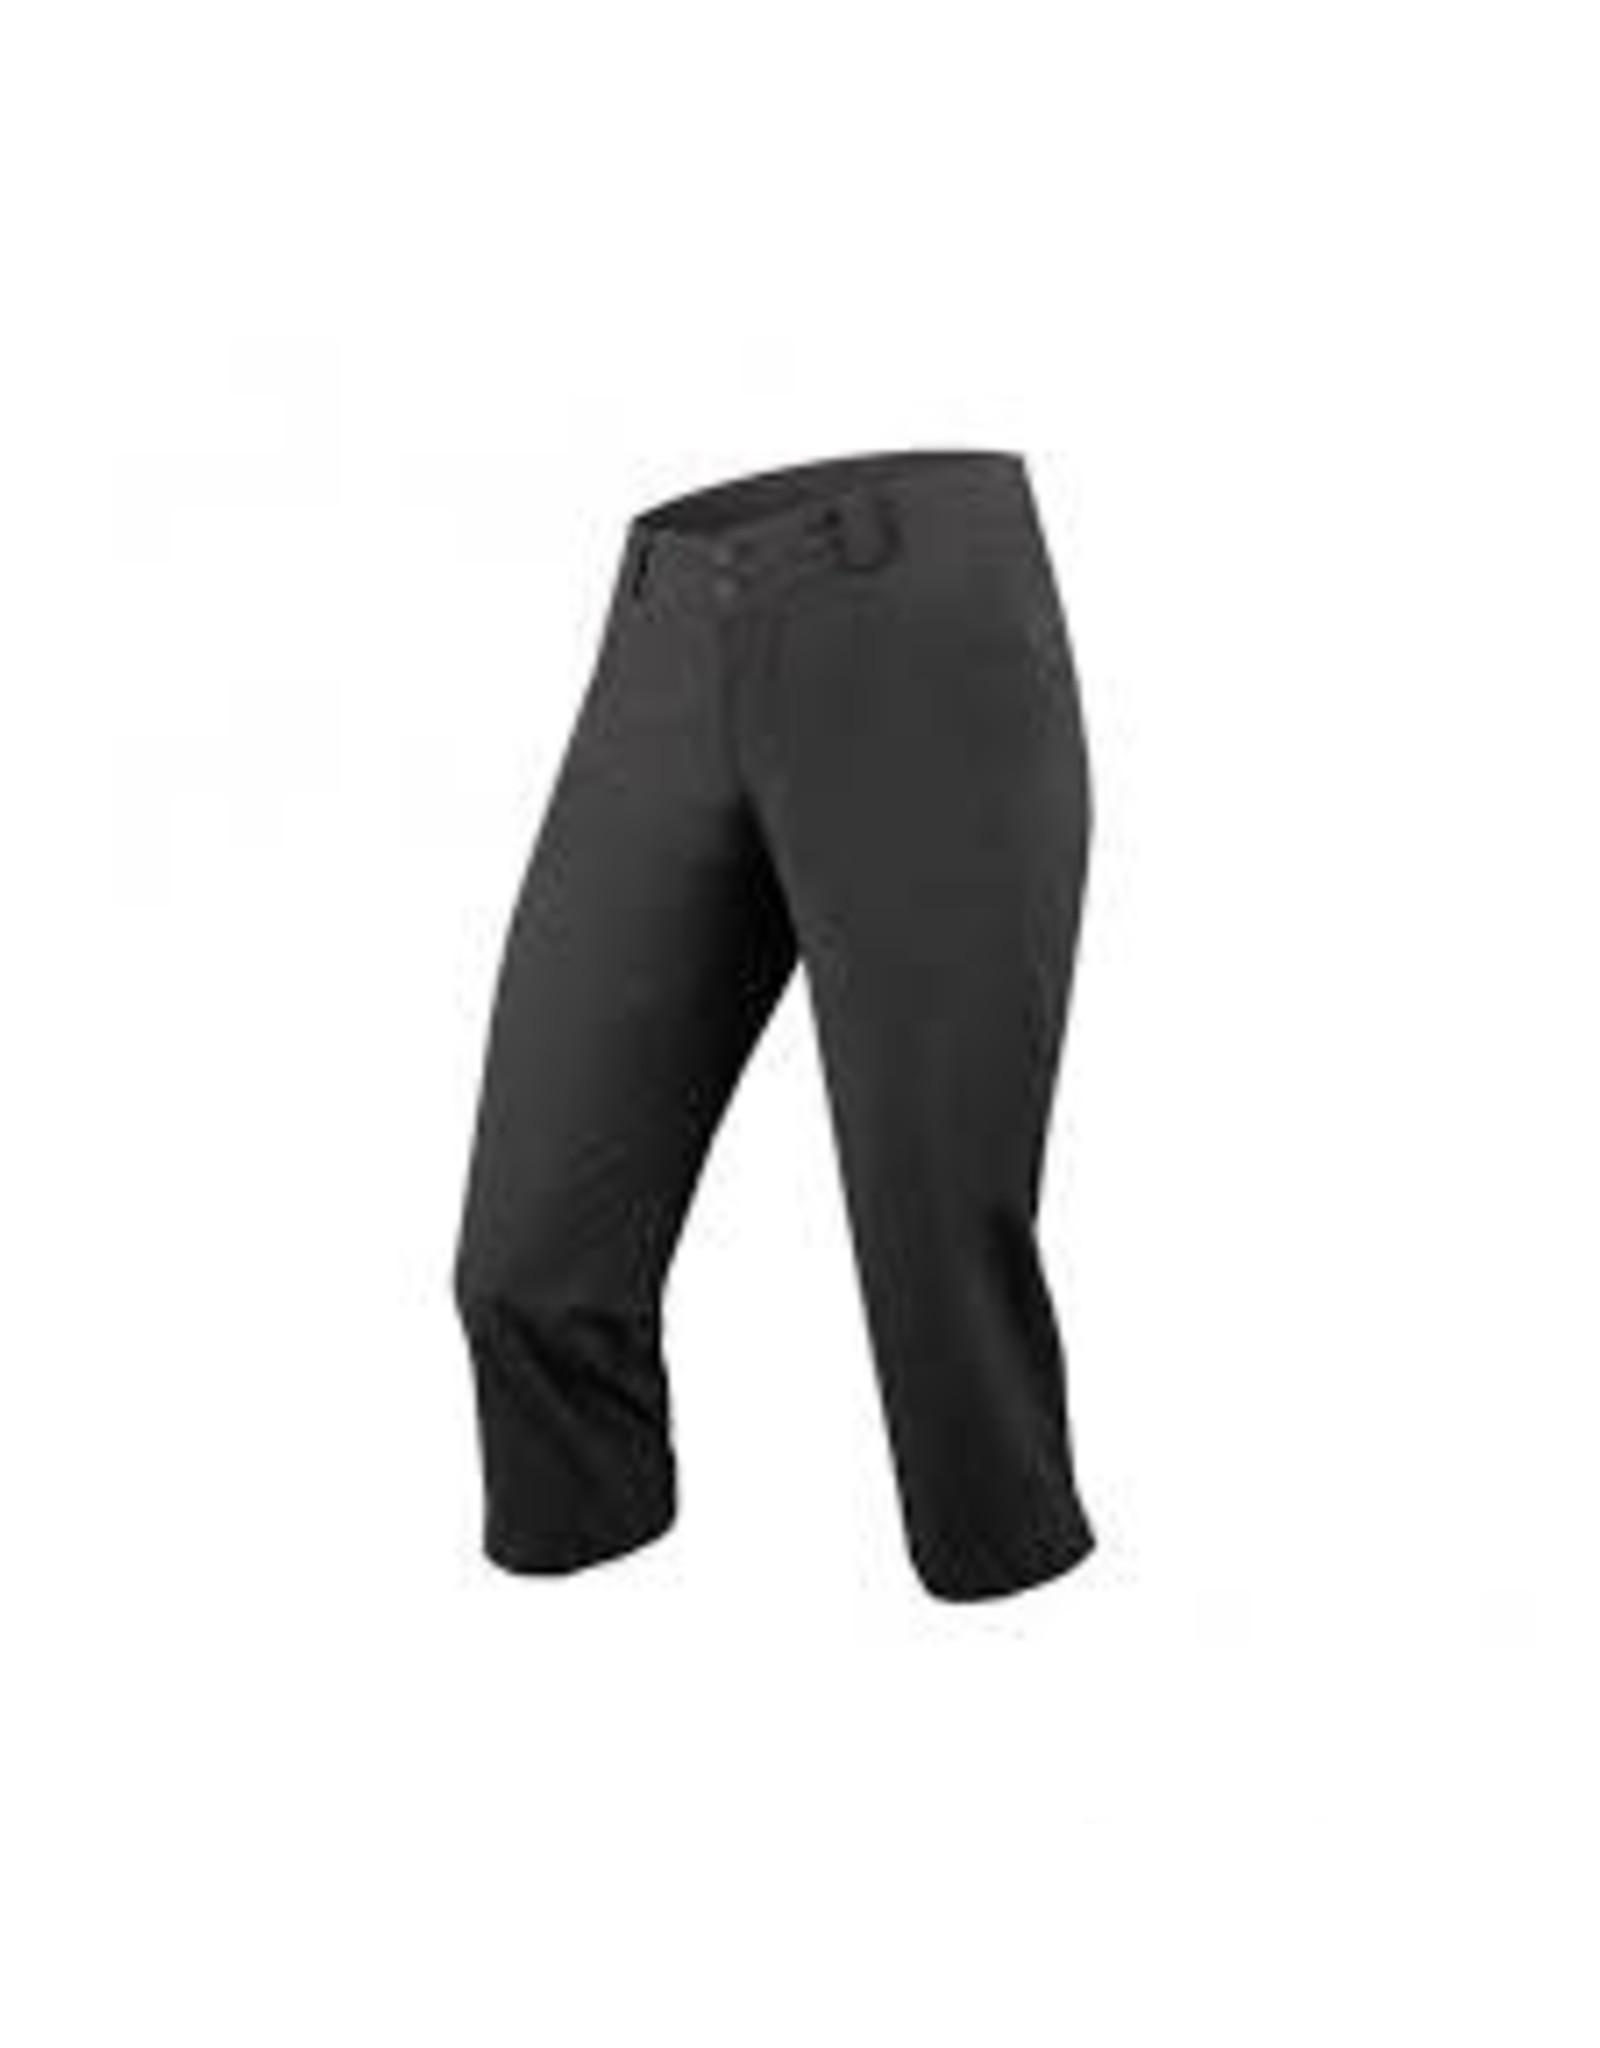 Endura Endura - Womens Trekkit 3/4 Shorts - S